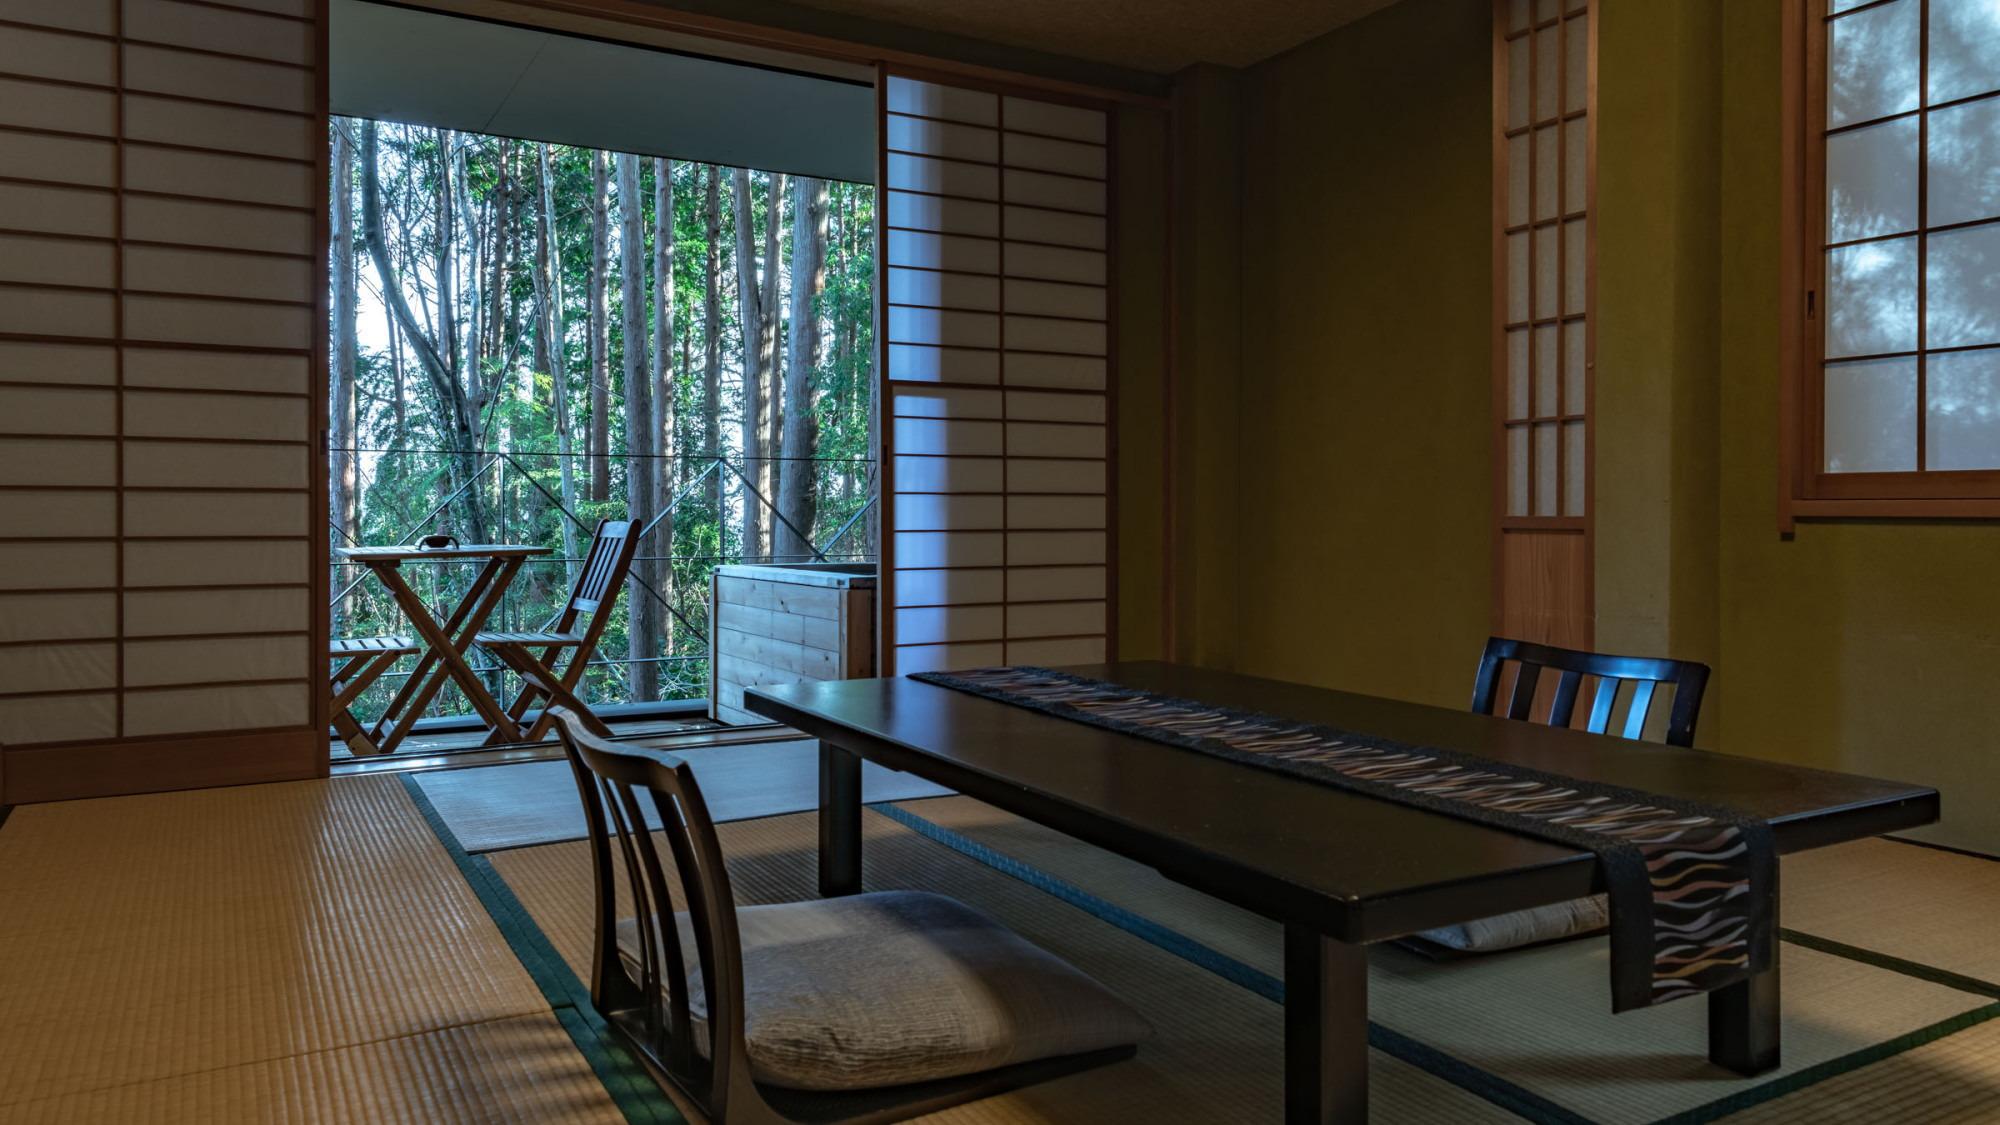 【本館/蘇芳-suou-】1階10畳 本館客室の中で唯一1階にあり、森が間近に感じられる客室